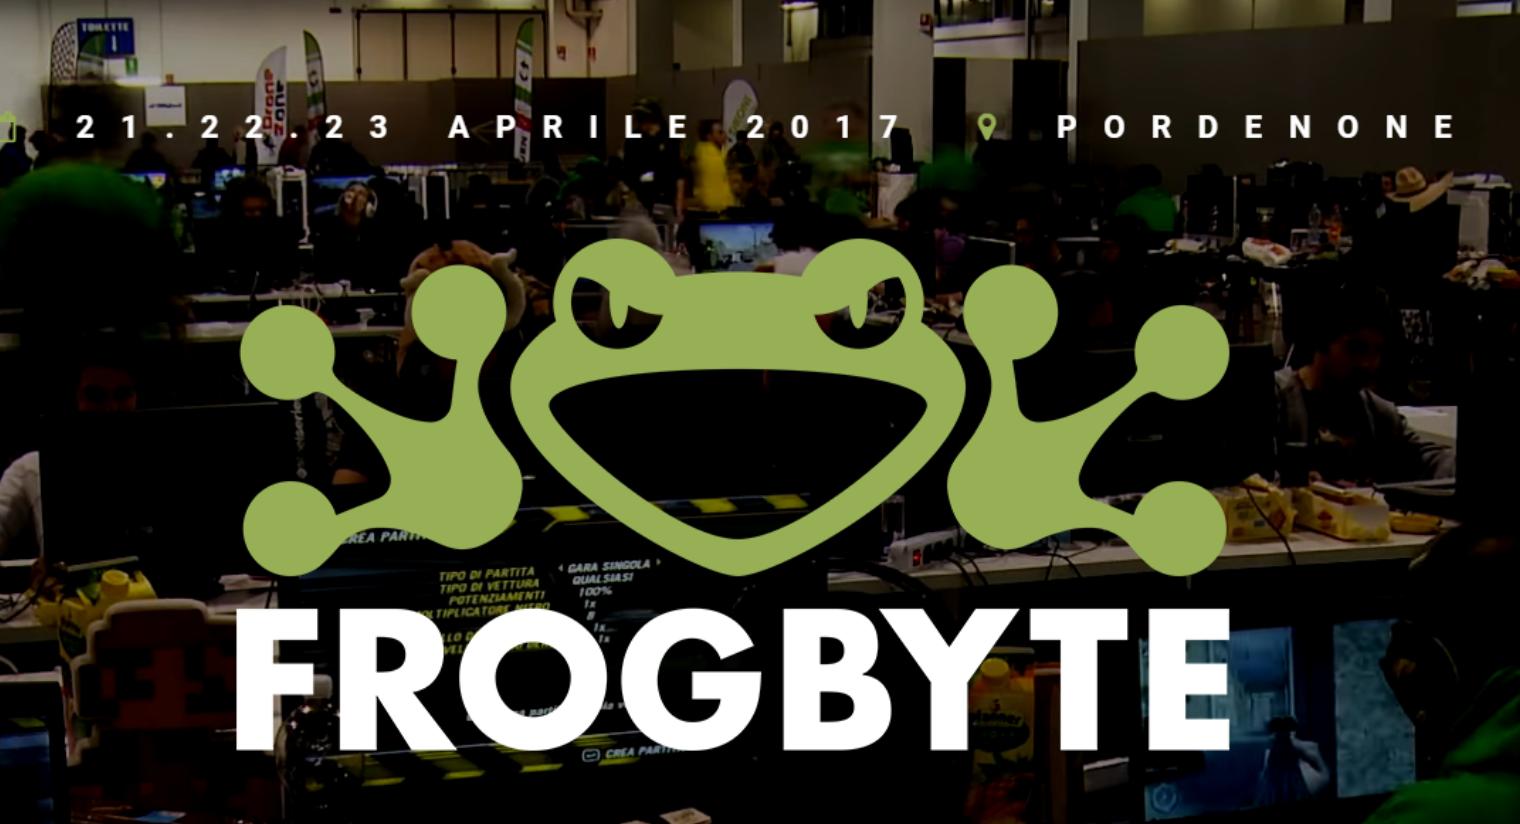 Nerdgate sarà presente a Frogbyte 2017